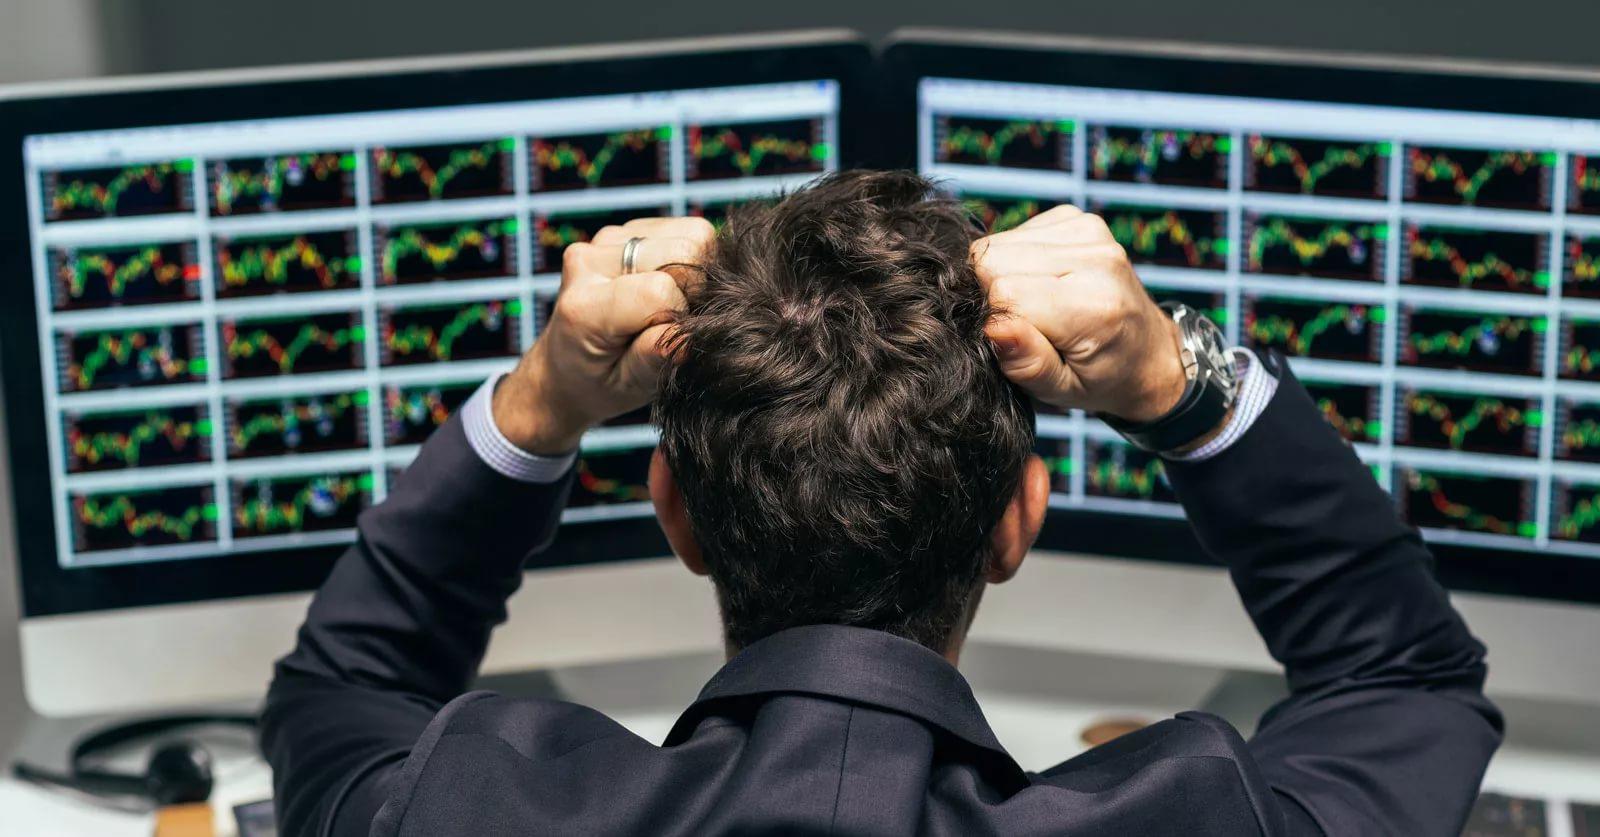 Какие схемы мошенничества процветают на Forex-рынке